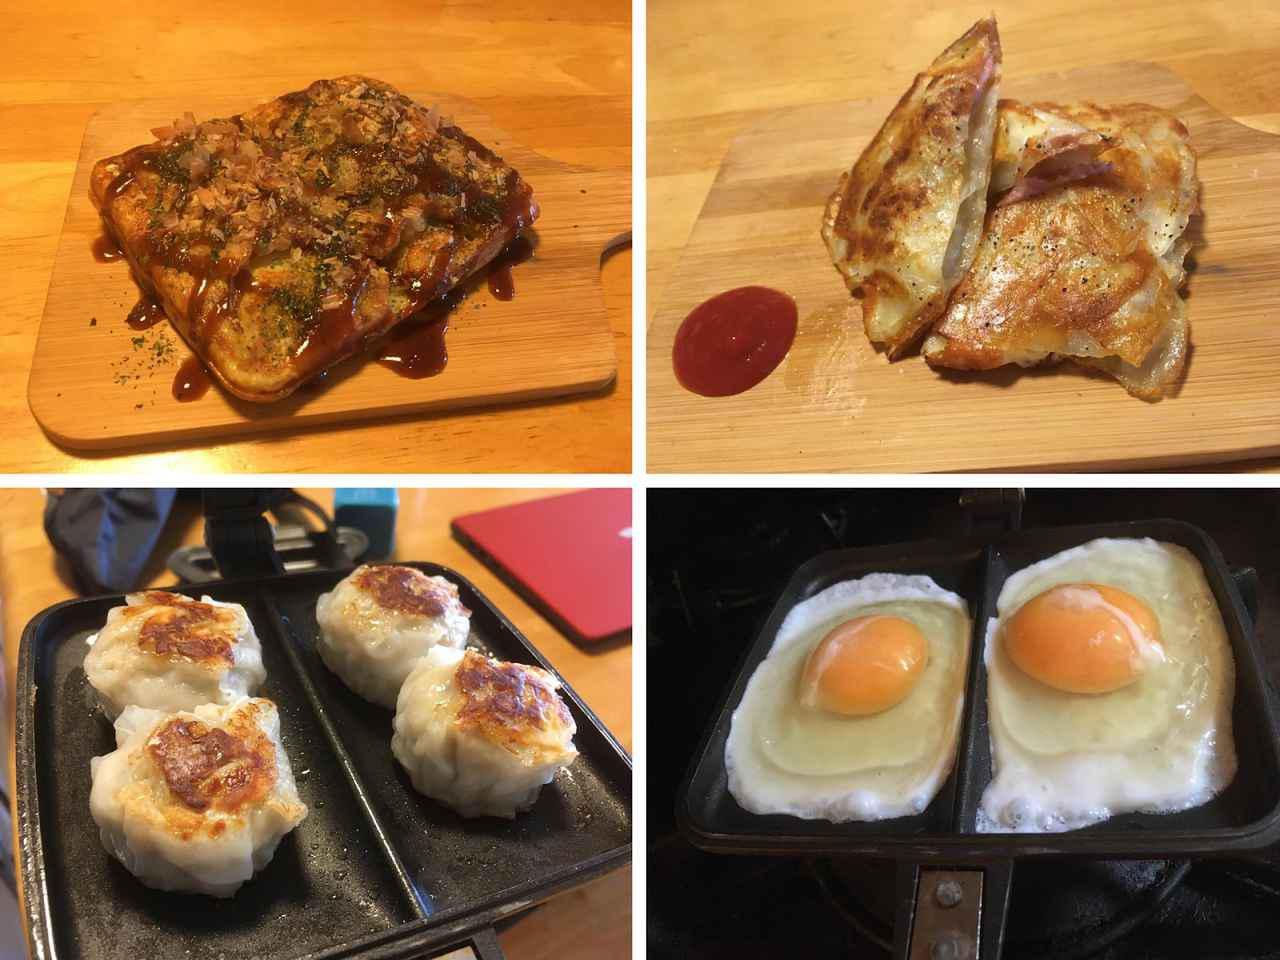 画像2: 【レシピ】ホットサンドメーカーを使った簡単ソロキャンプ飯おすすめ7選 - ハピキャン(HAPPY CAMPER)